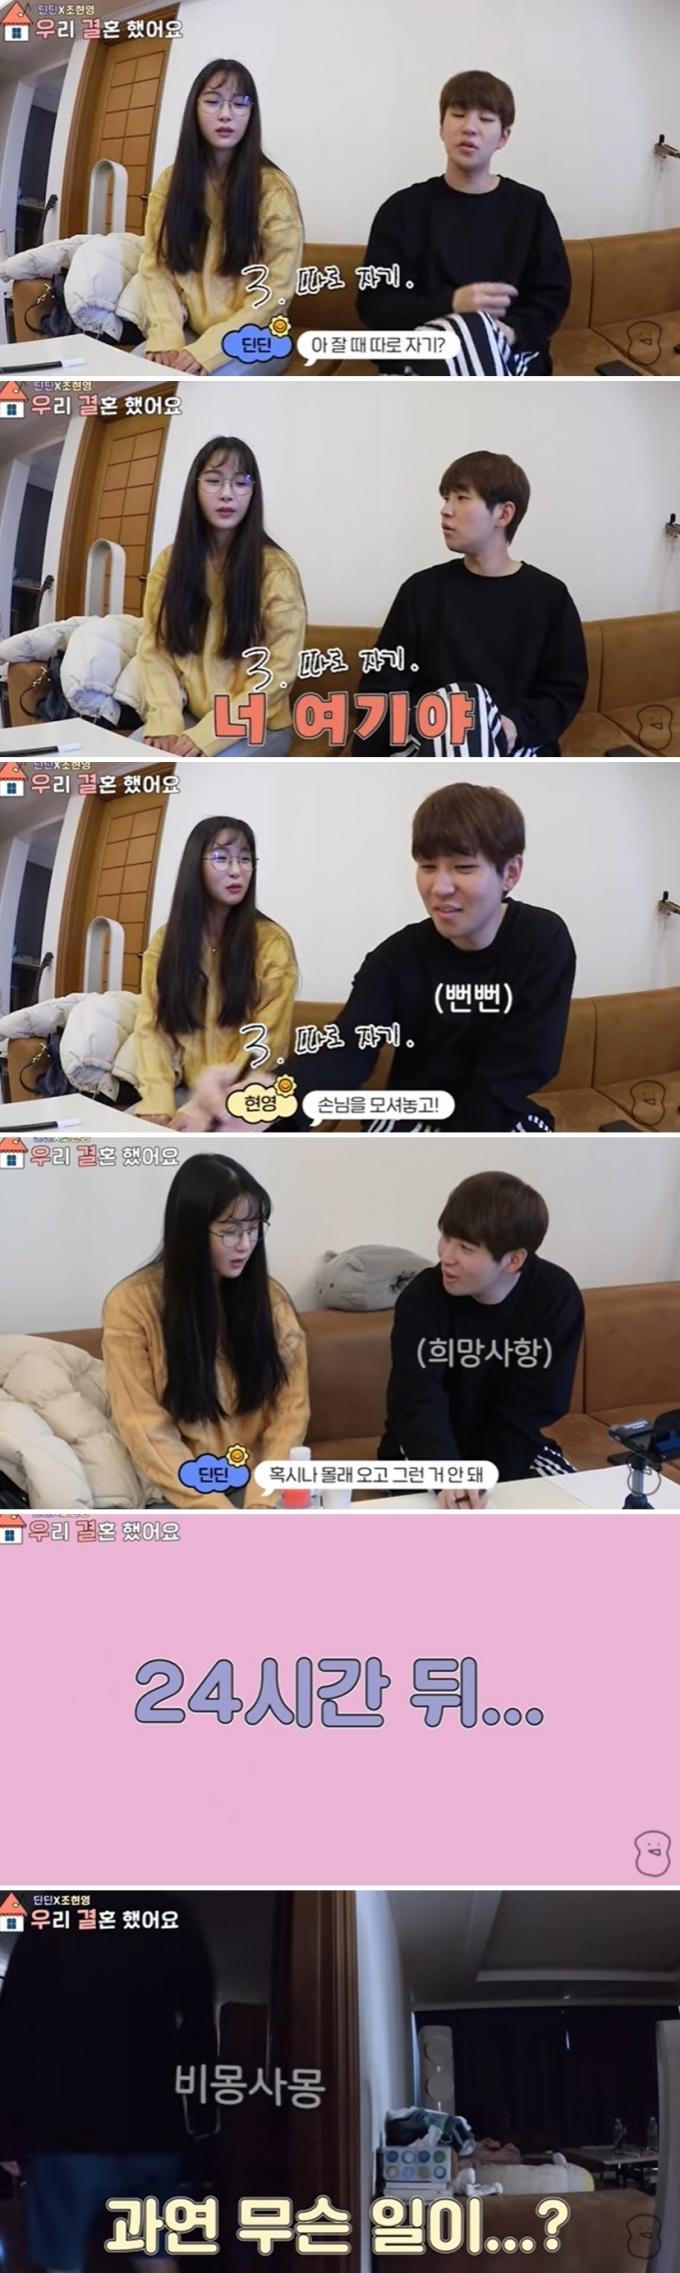 유튜브채널에는 '딘딘♥조현영 우리 결혼했어요' 영상 갈무리 © 뉴스1